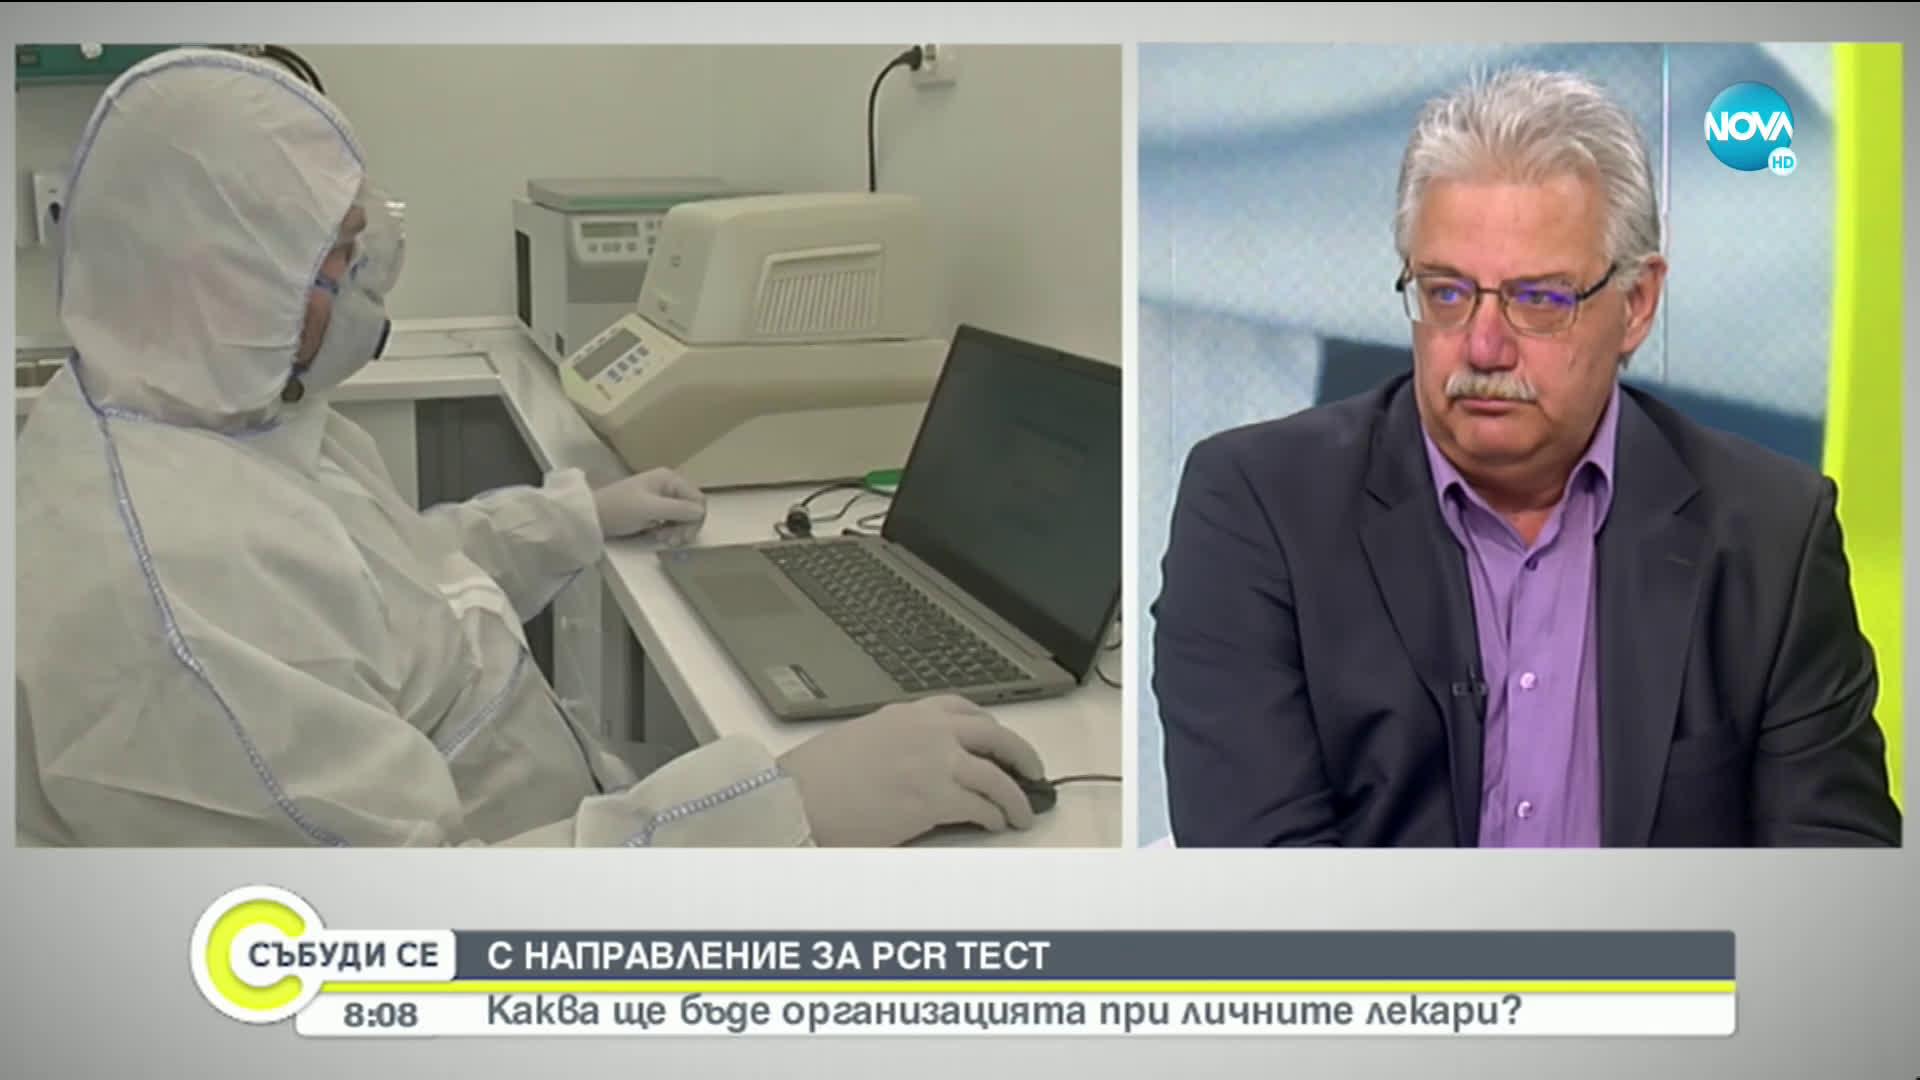 Лекар: Броят на направленията за PCR тест не бива да се ограничава